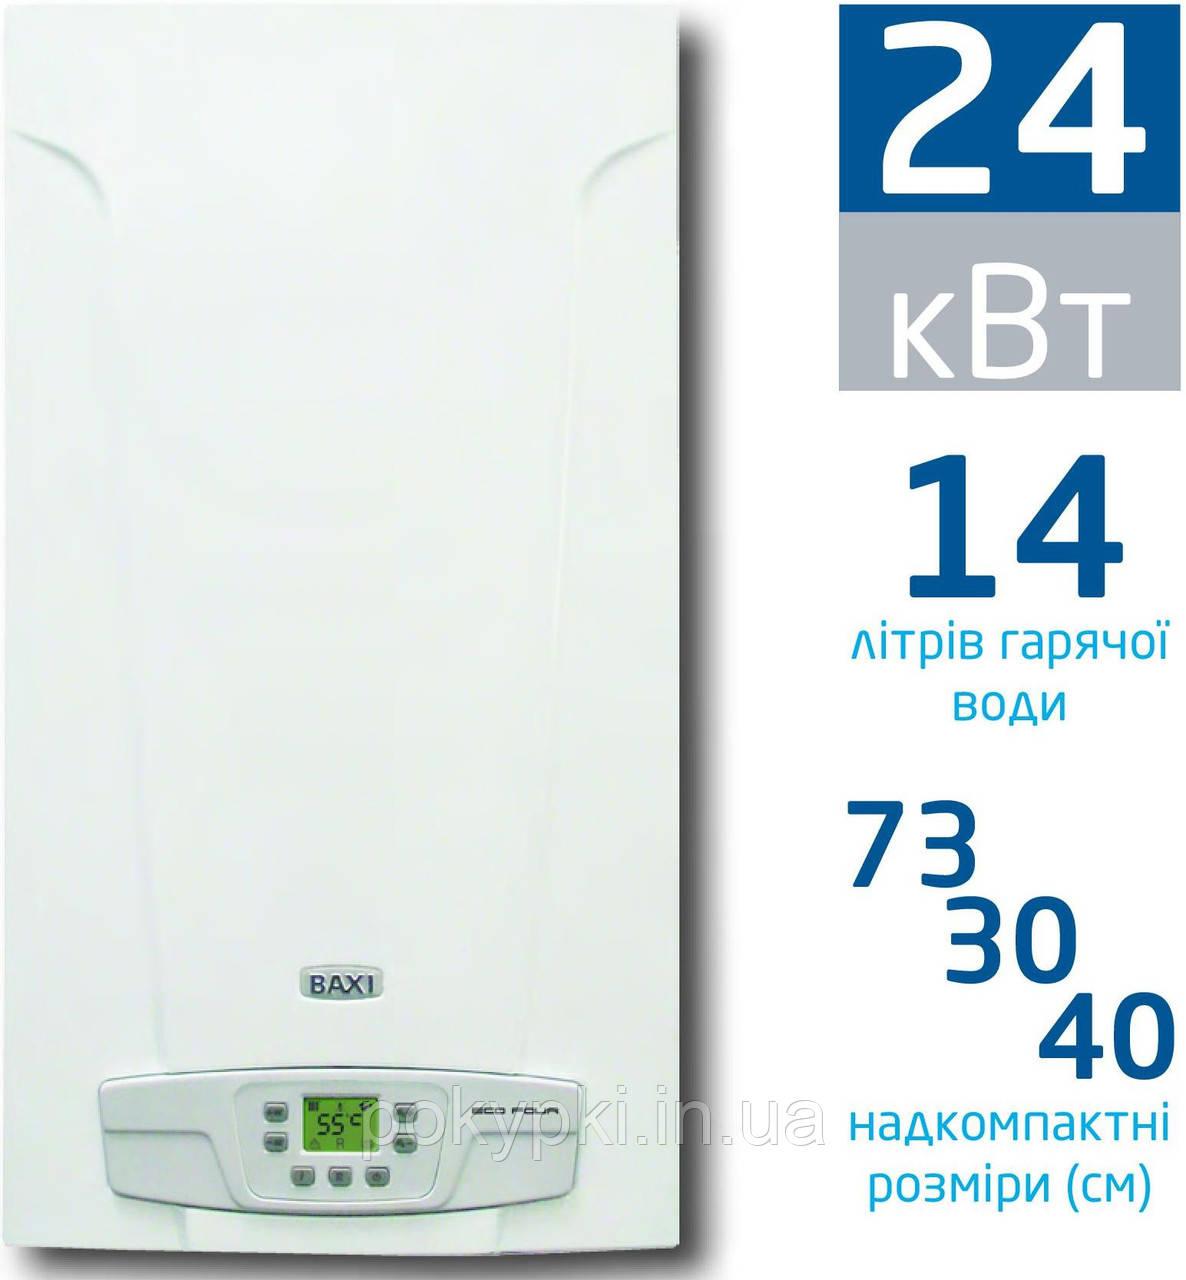 """Газовый настенный котел BAXI MAIN FOUR 24 F с закрытой камерой сгорания, 24кВт для отопления и гвс - """"Удачные покупки"""" в Харькове"""